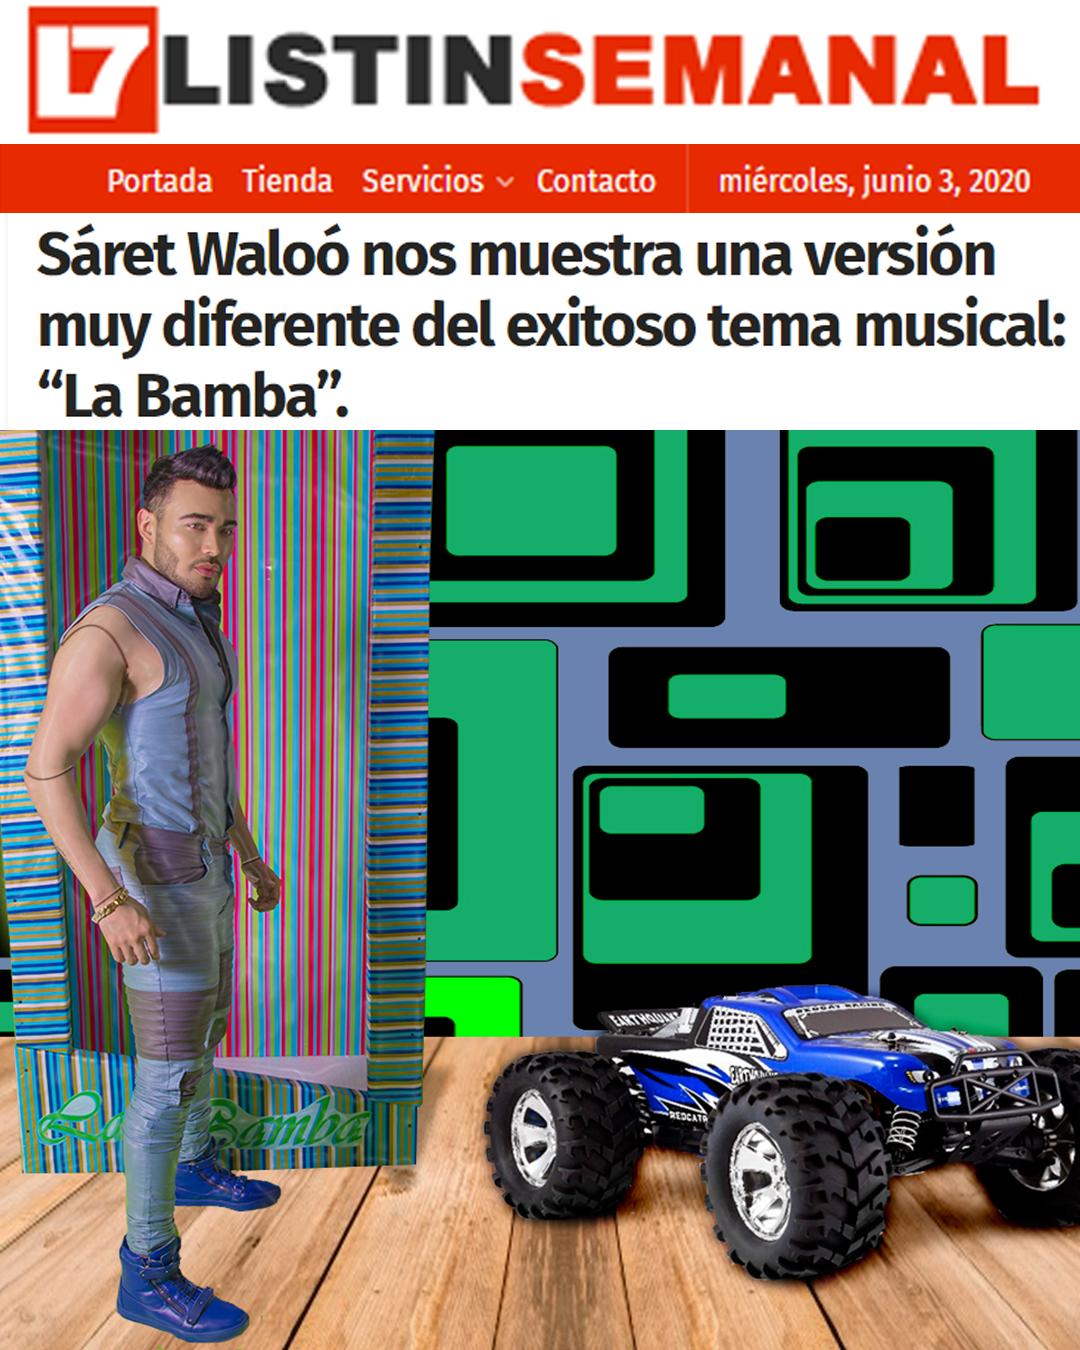 LISTIN SEMANAL ESPAÑA